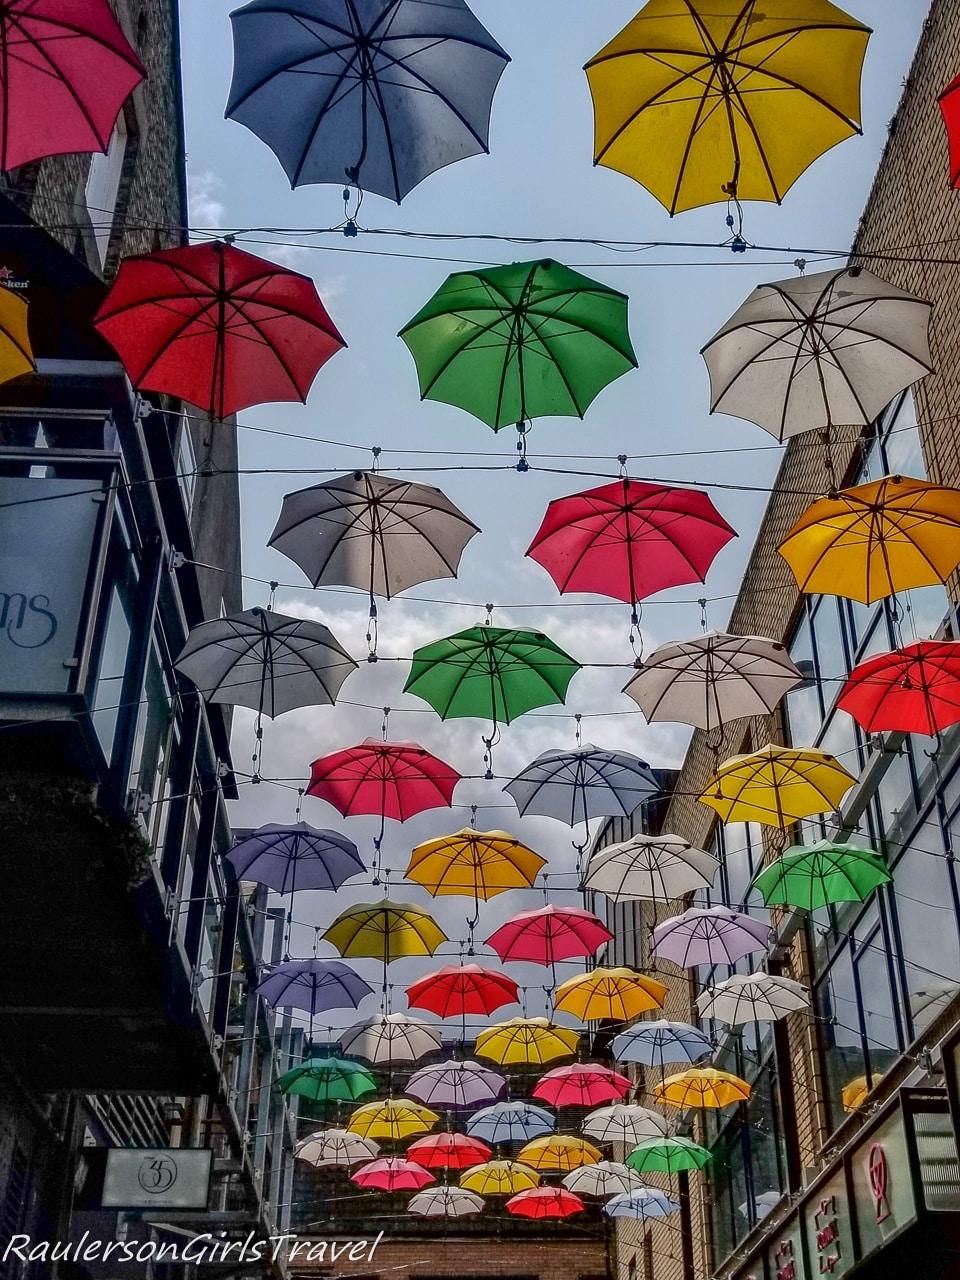 Umbrellas on St. Anne's Street